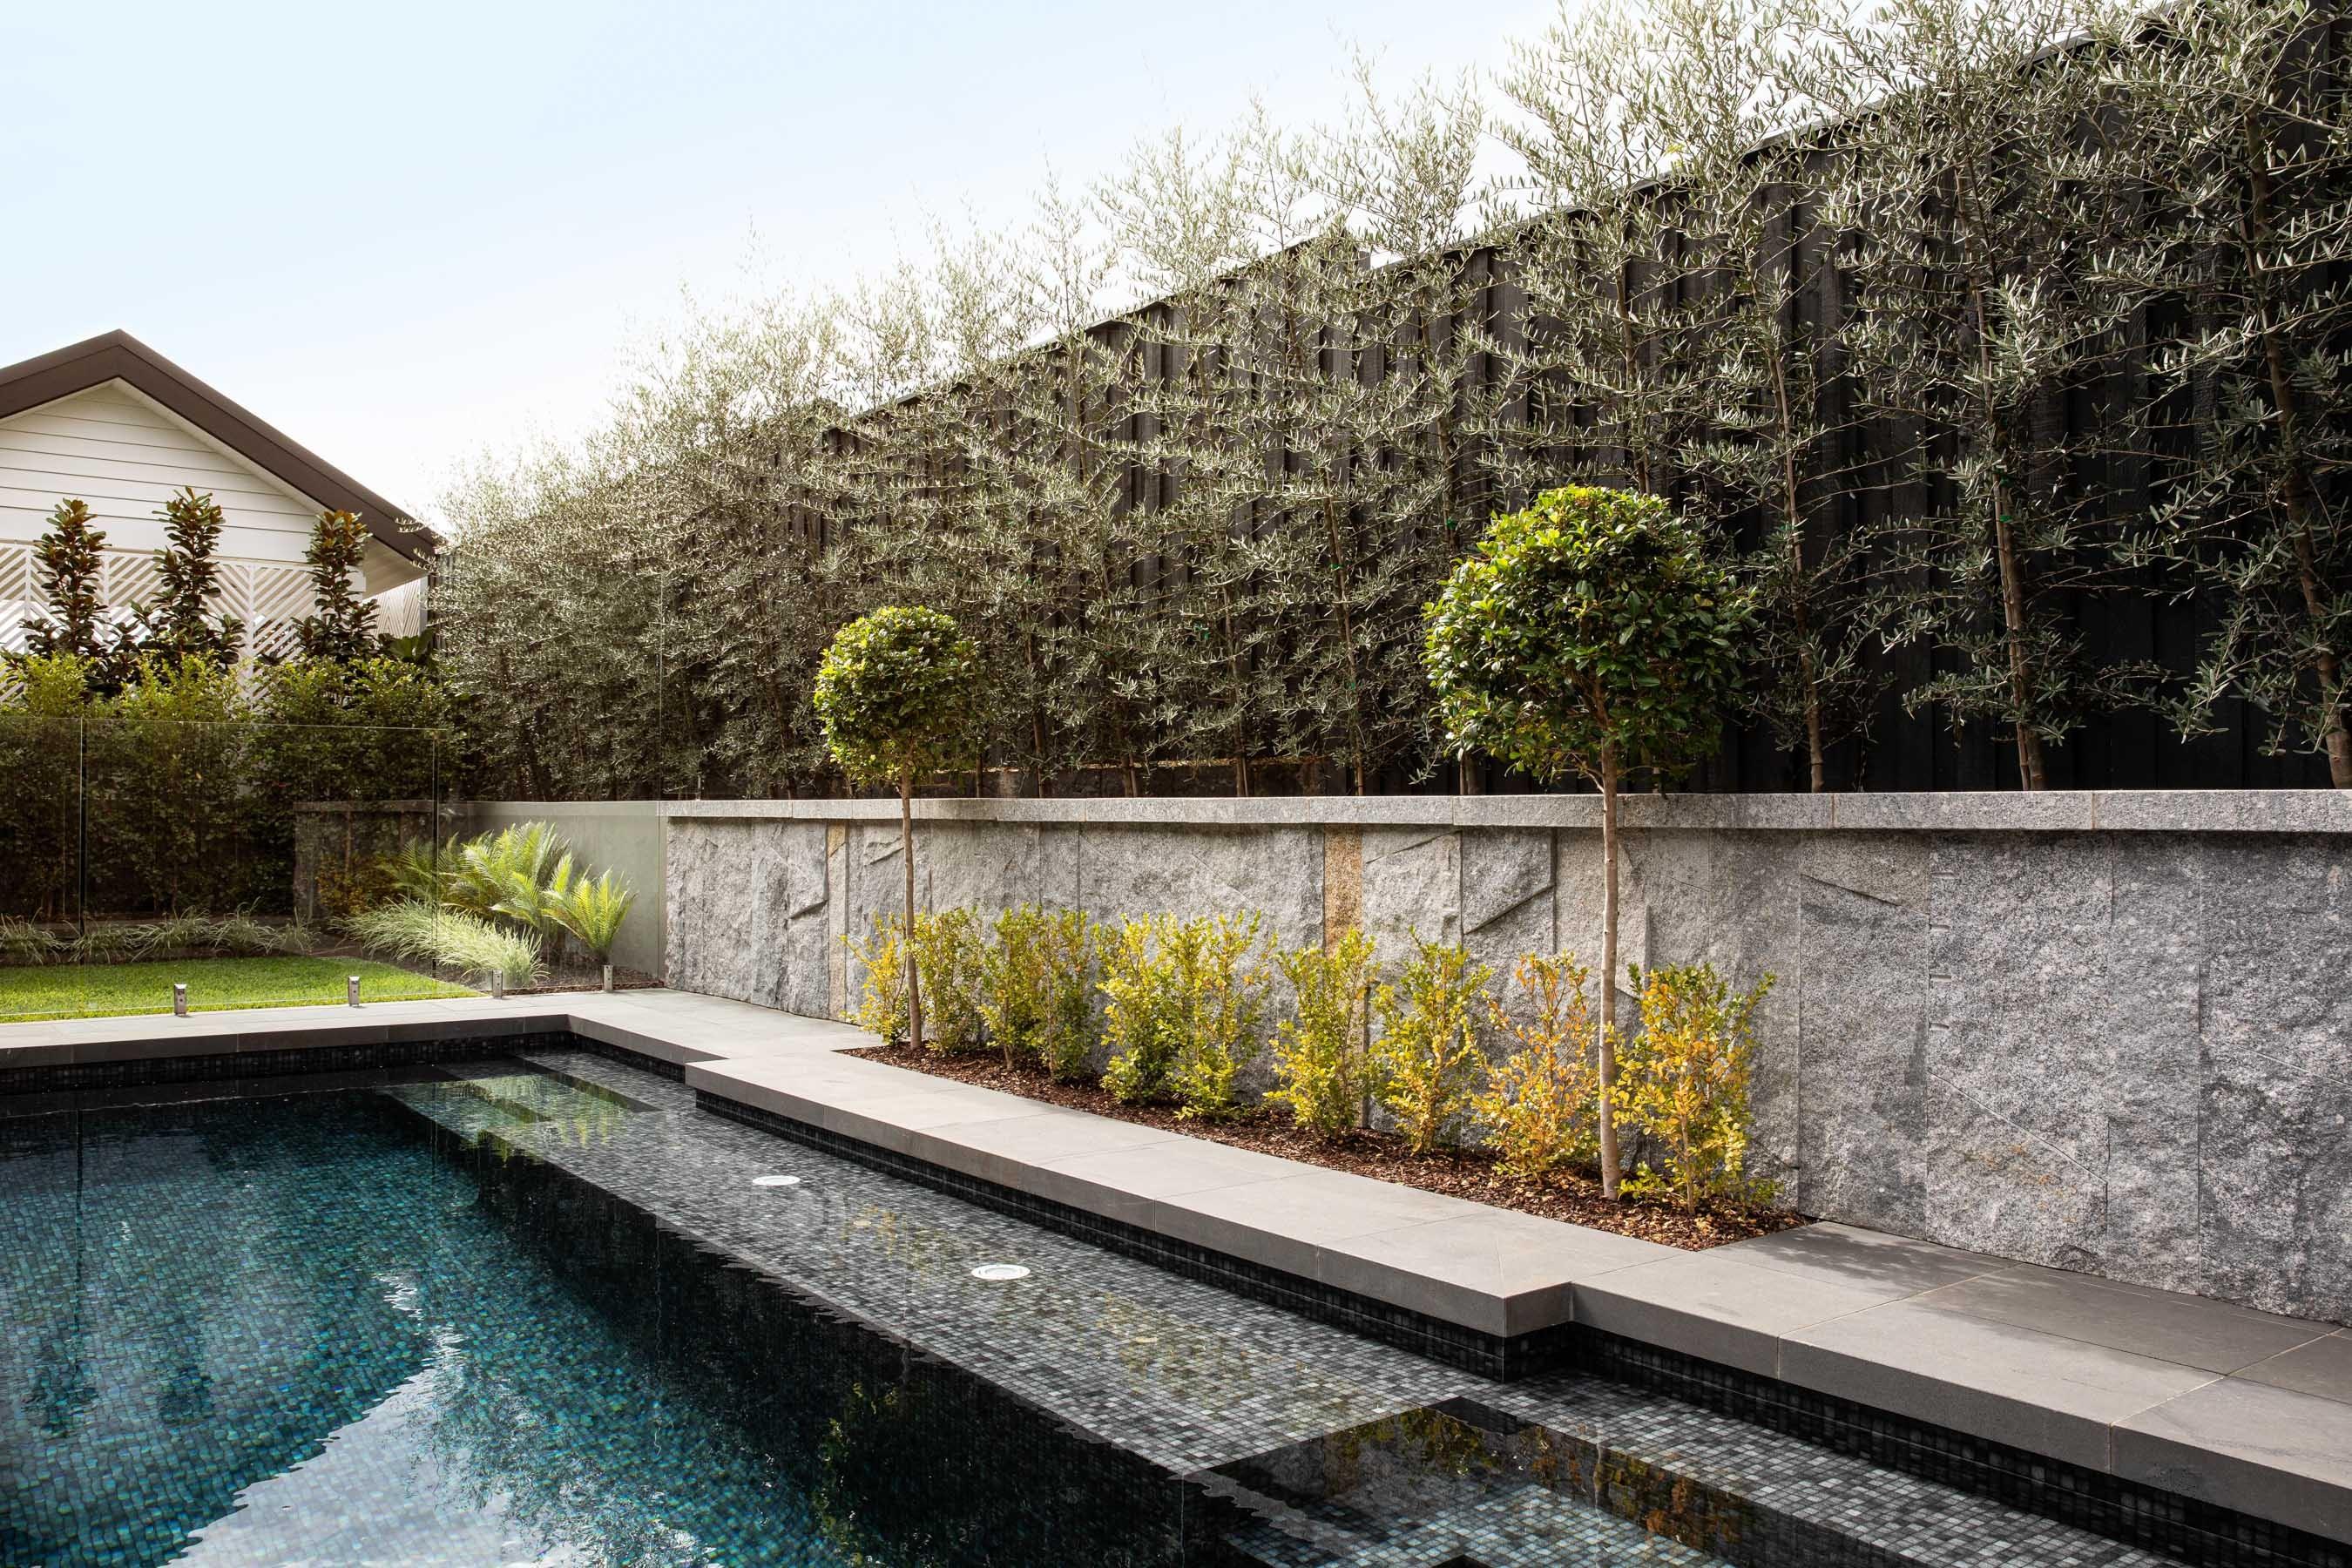 Pool-Tiles Gallery Niebla 101B-02